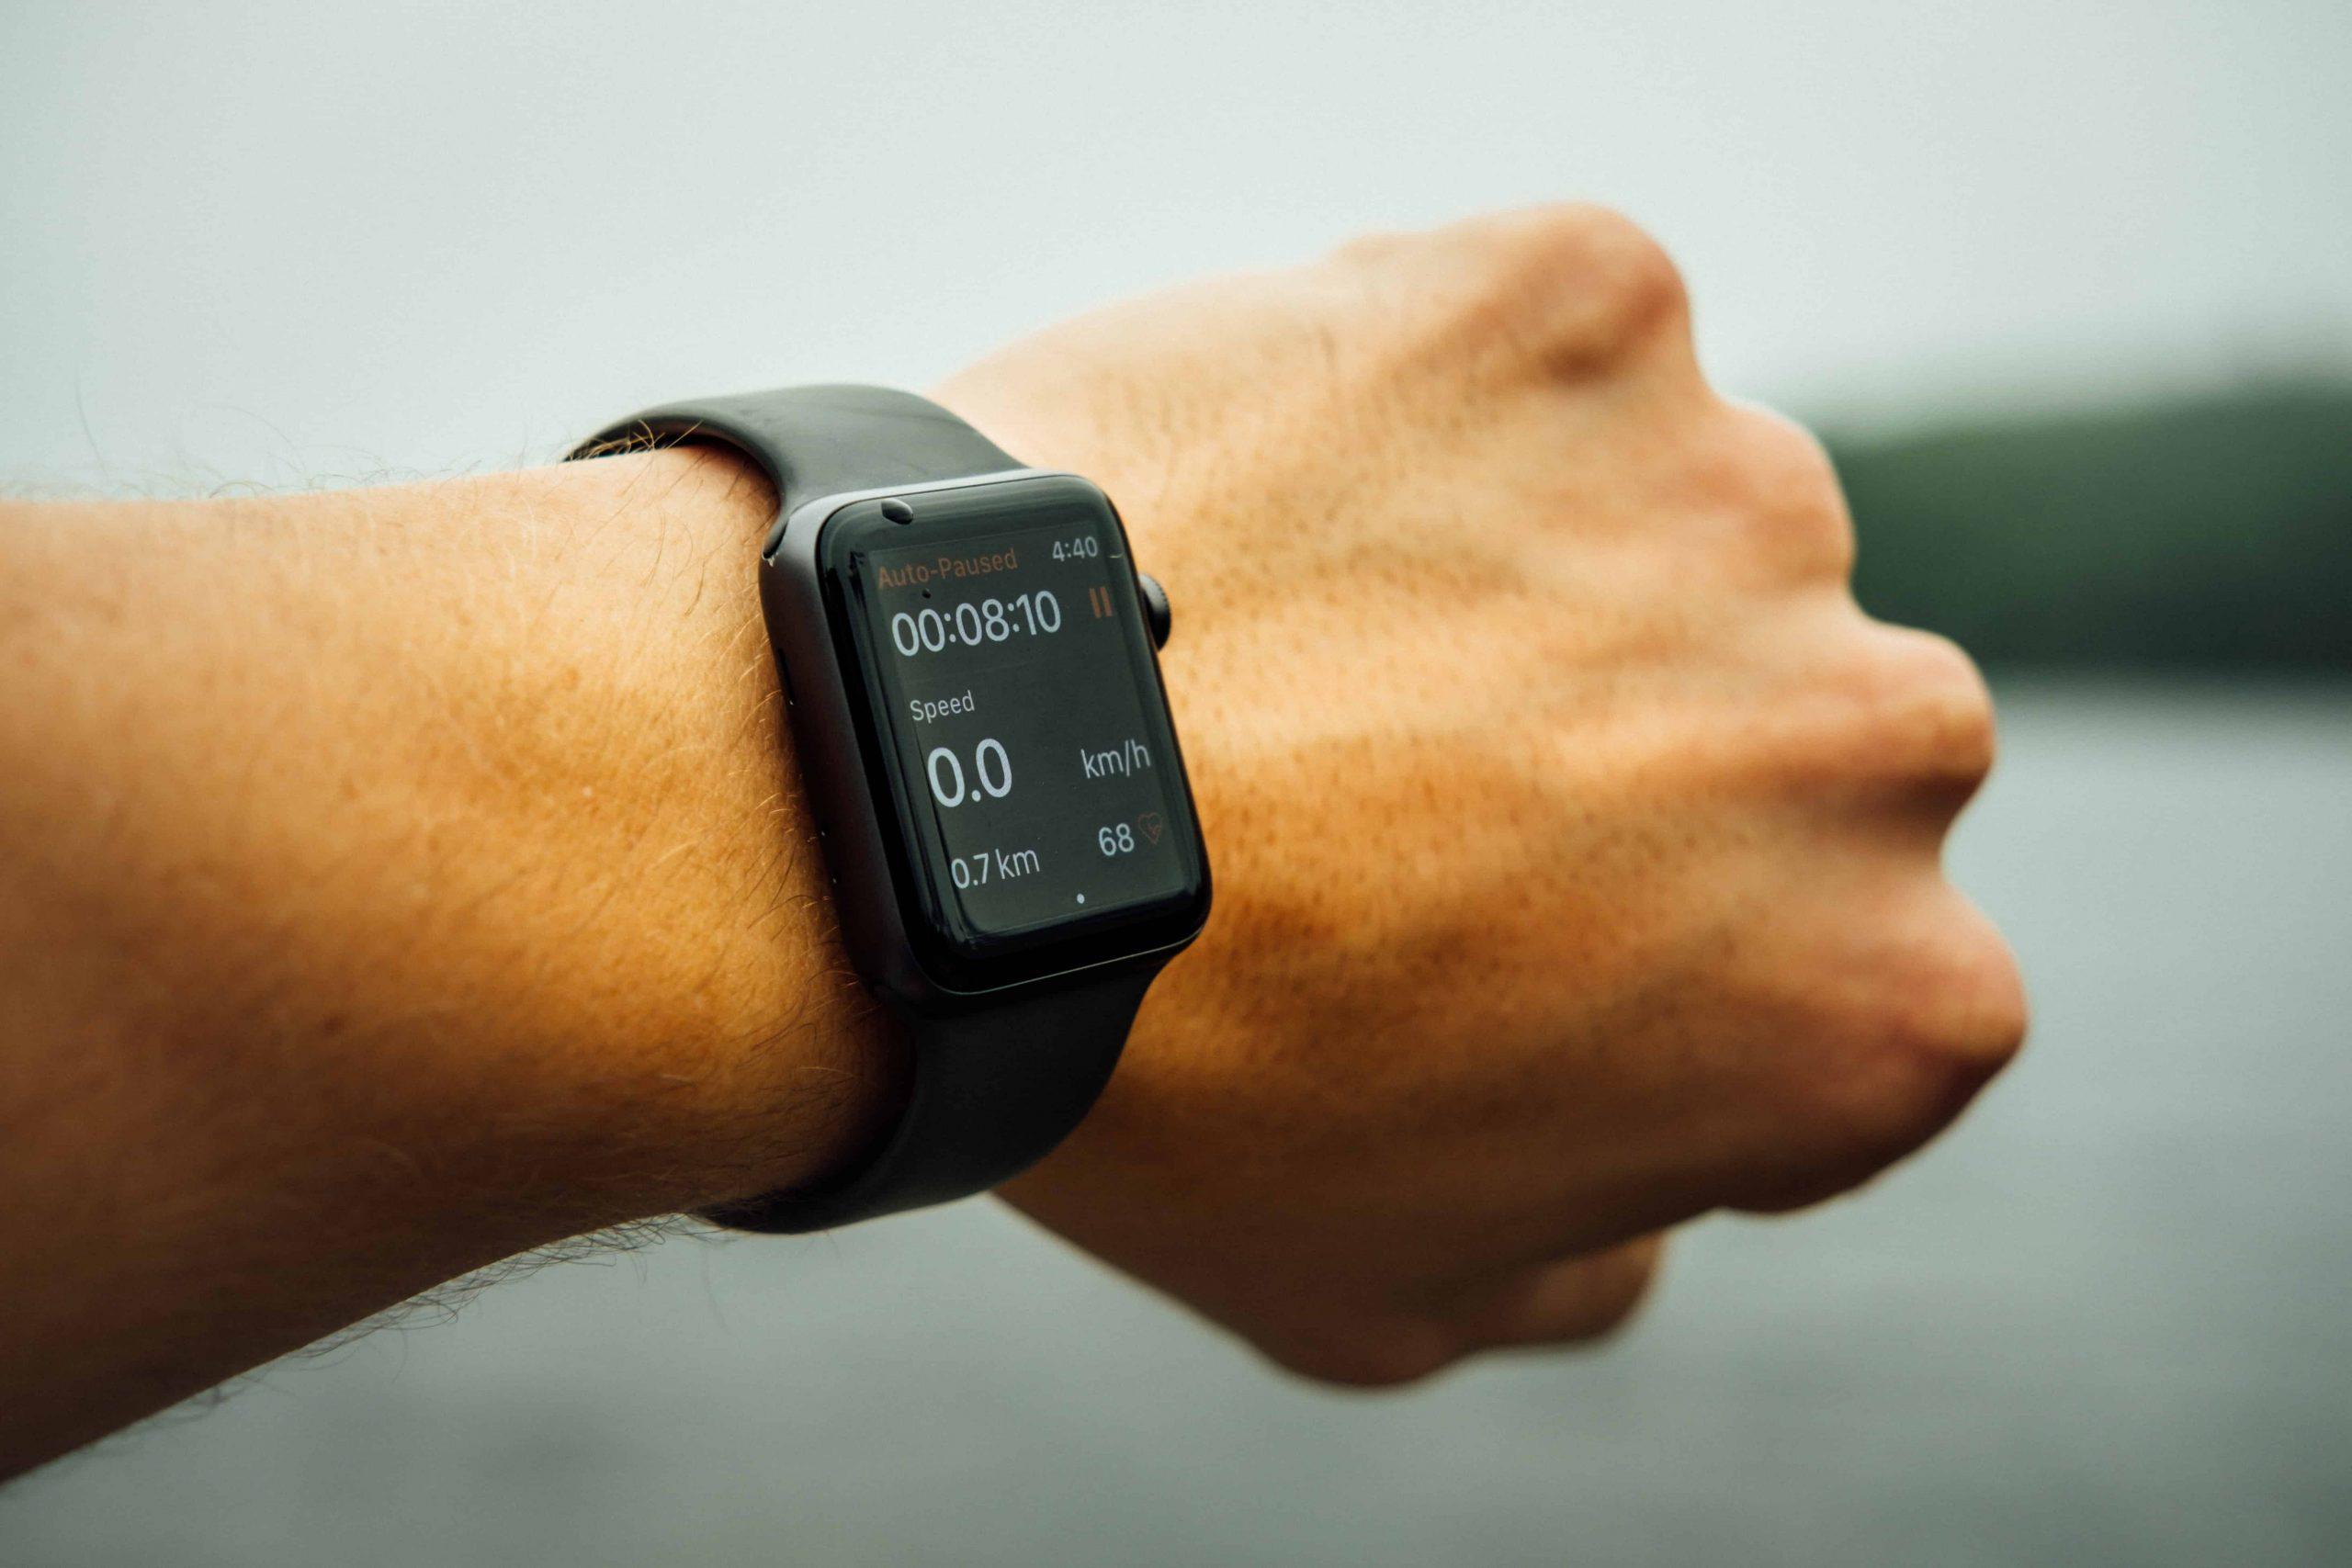 GPS Uhr: Test & Empfehlungen (06/20)